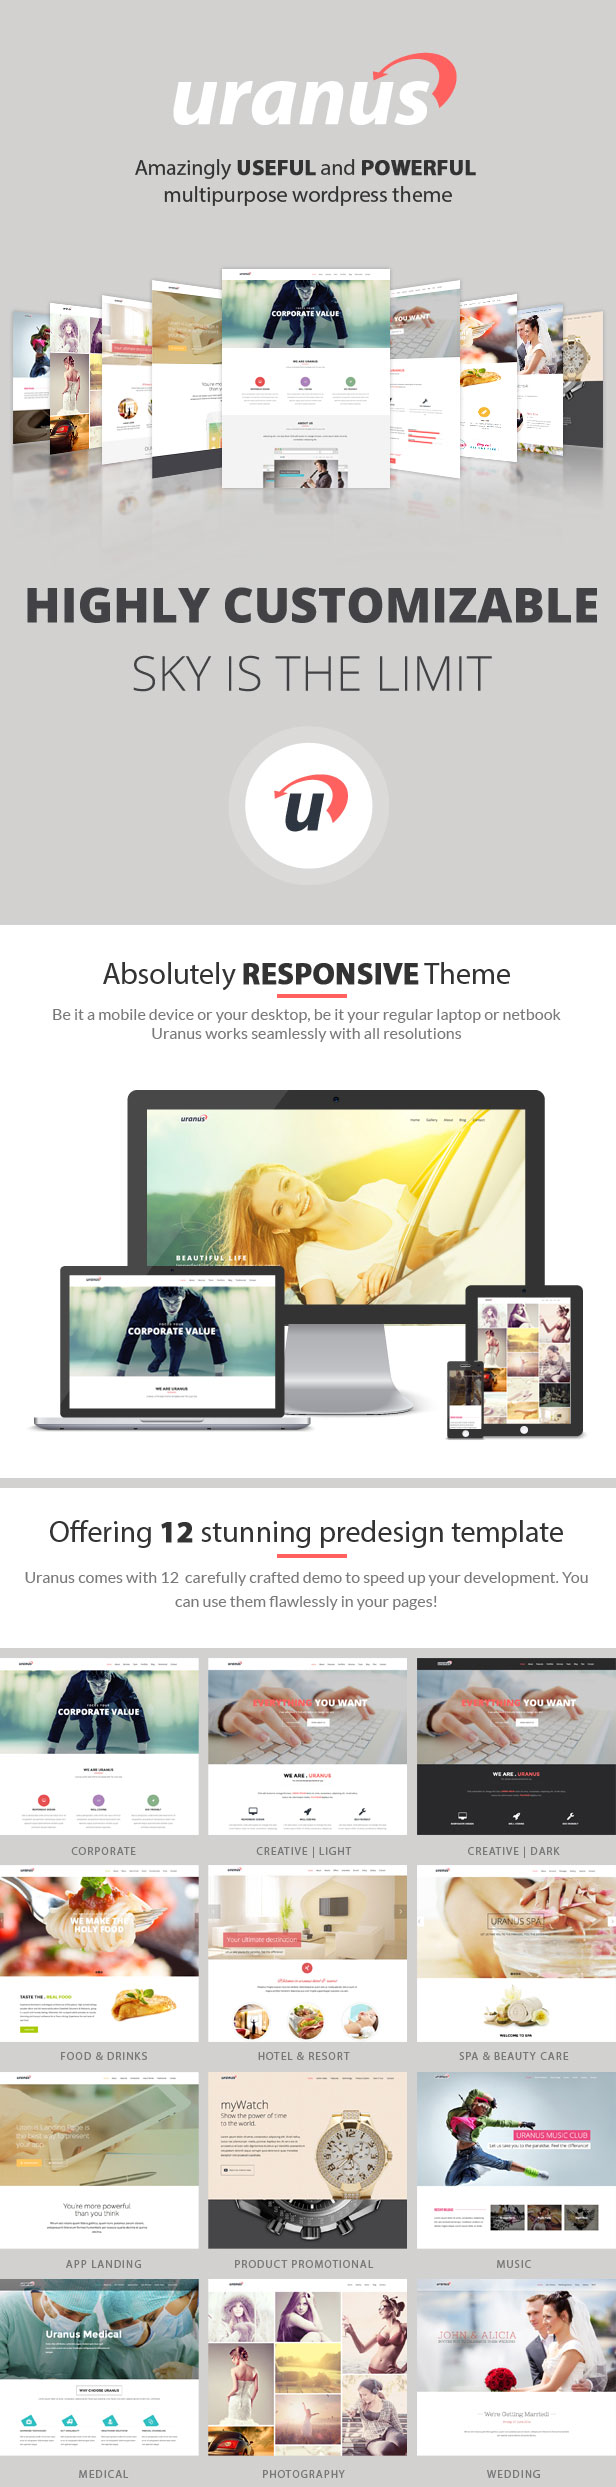 Uranus - Responsive Multi-Purpose Wordpress Theme (Corporate) Uranus – Responsive Multi-Purpose Wordpress Theme (Corporate) uranus img1 by themebucket d7sdr8n